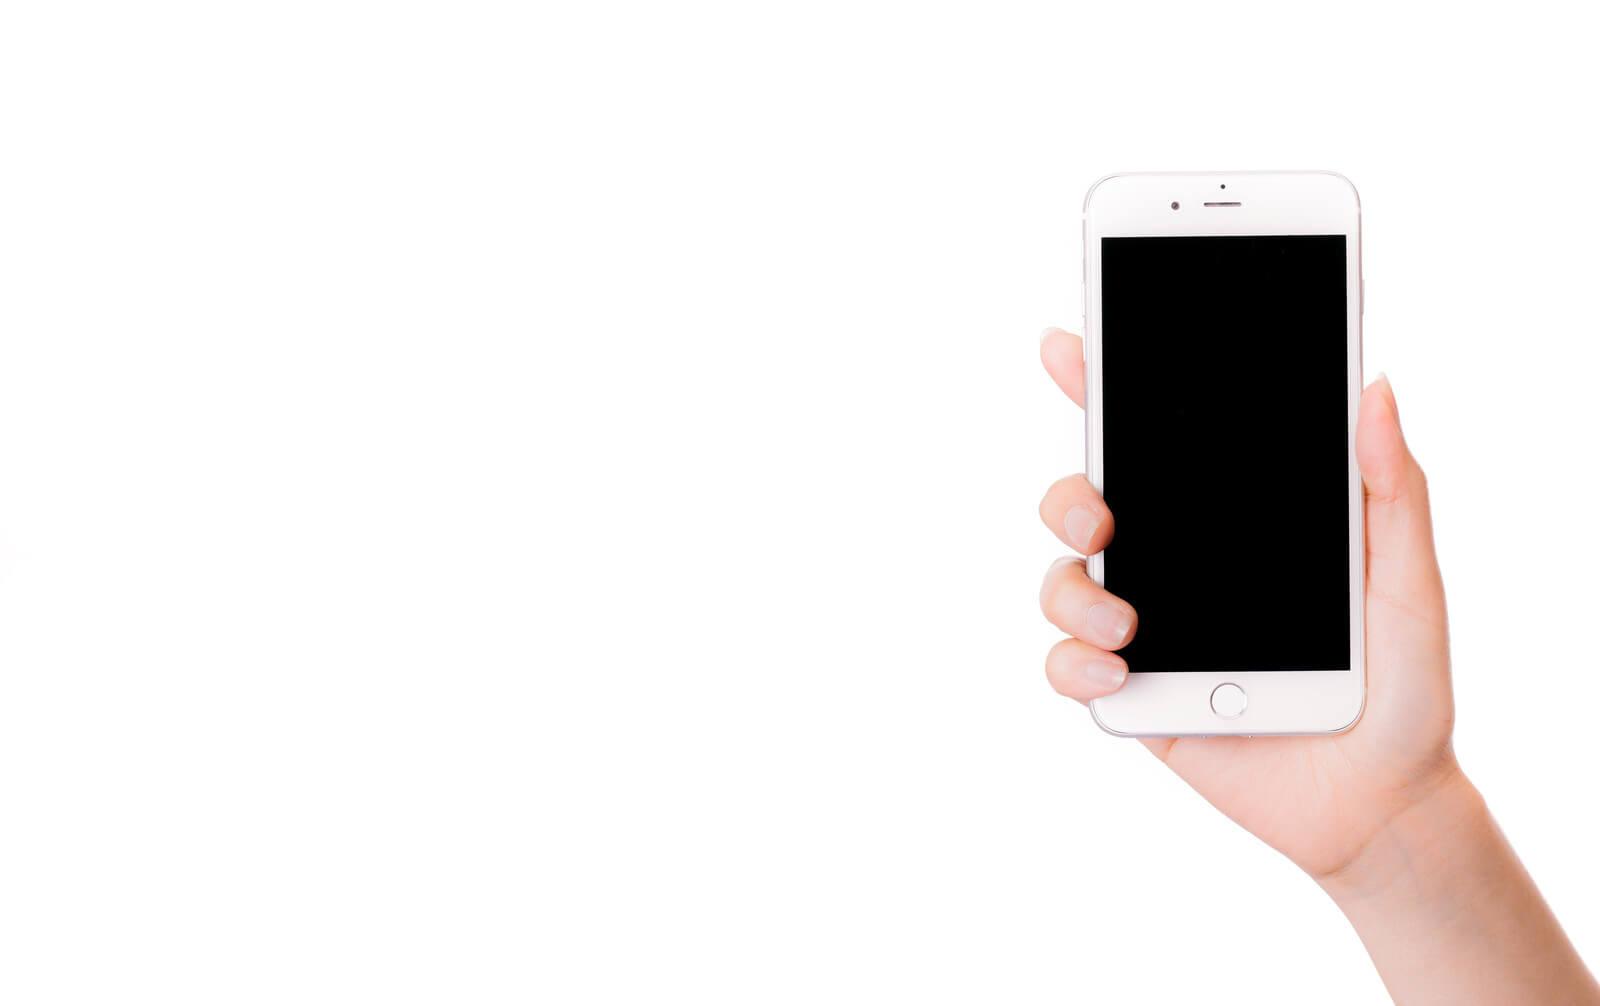 エックスモバイル(旧:もしもシークス)の格安SIMを入れたiPhone